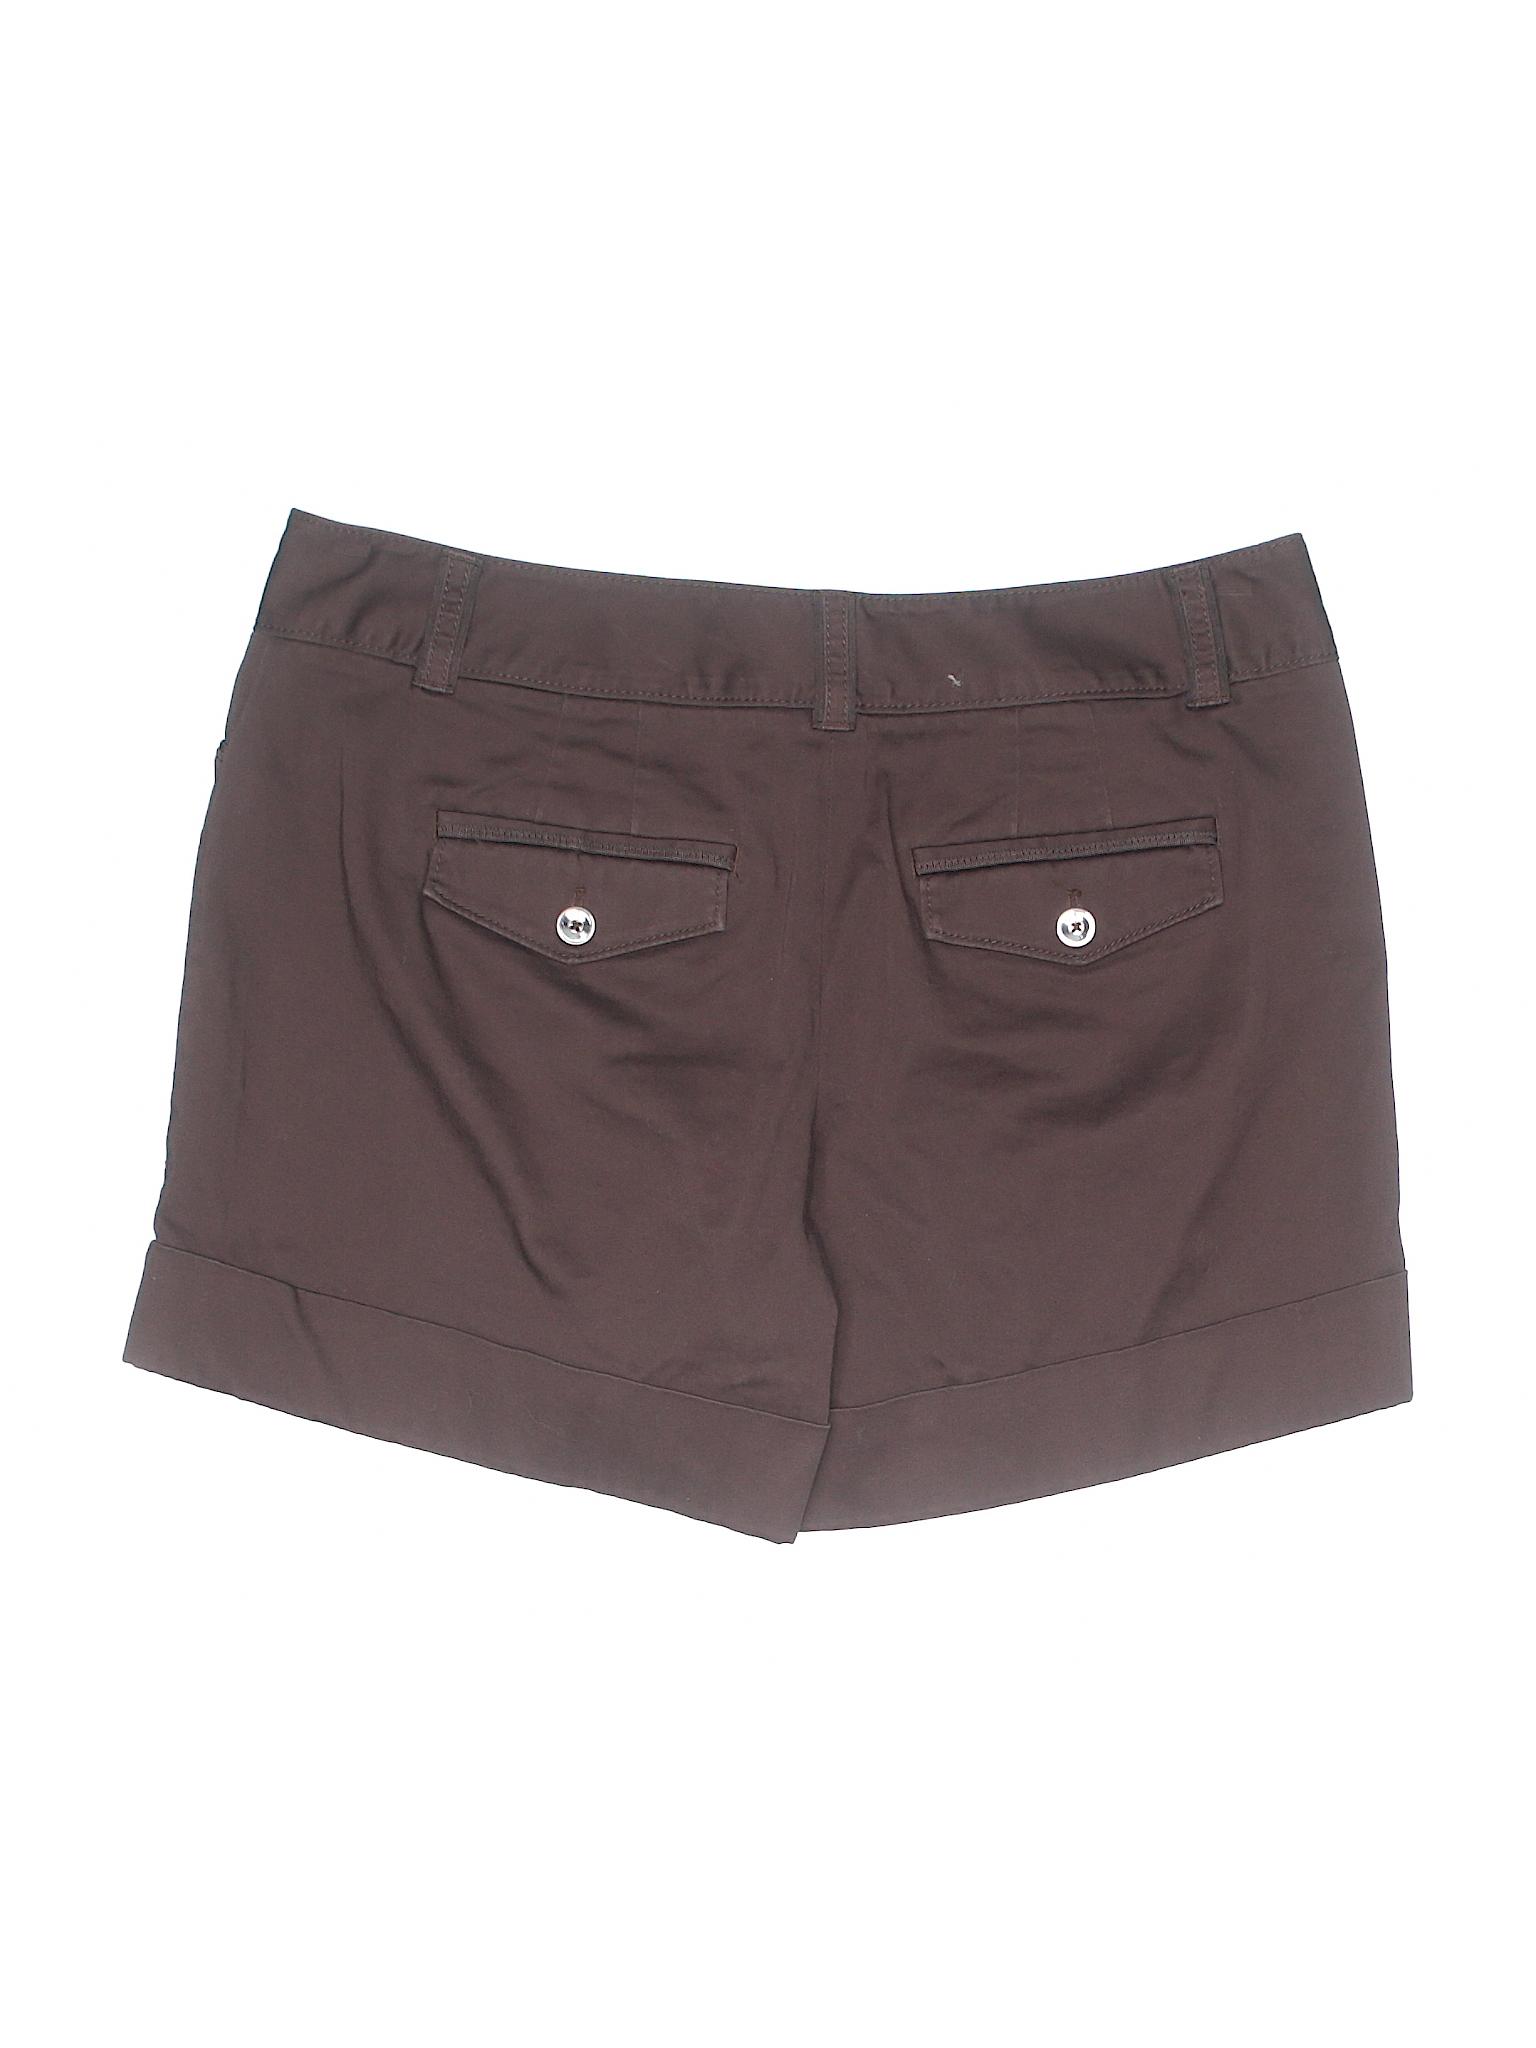 Shorts White Boutique Black House Market WPfcHvq